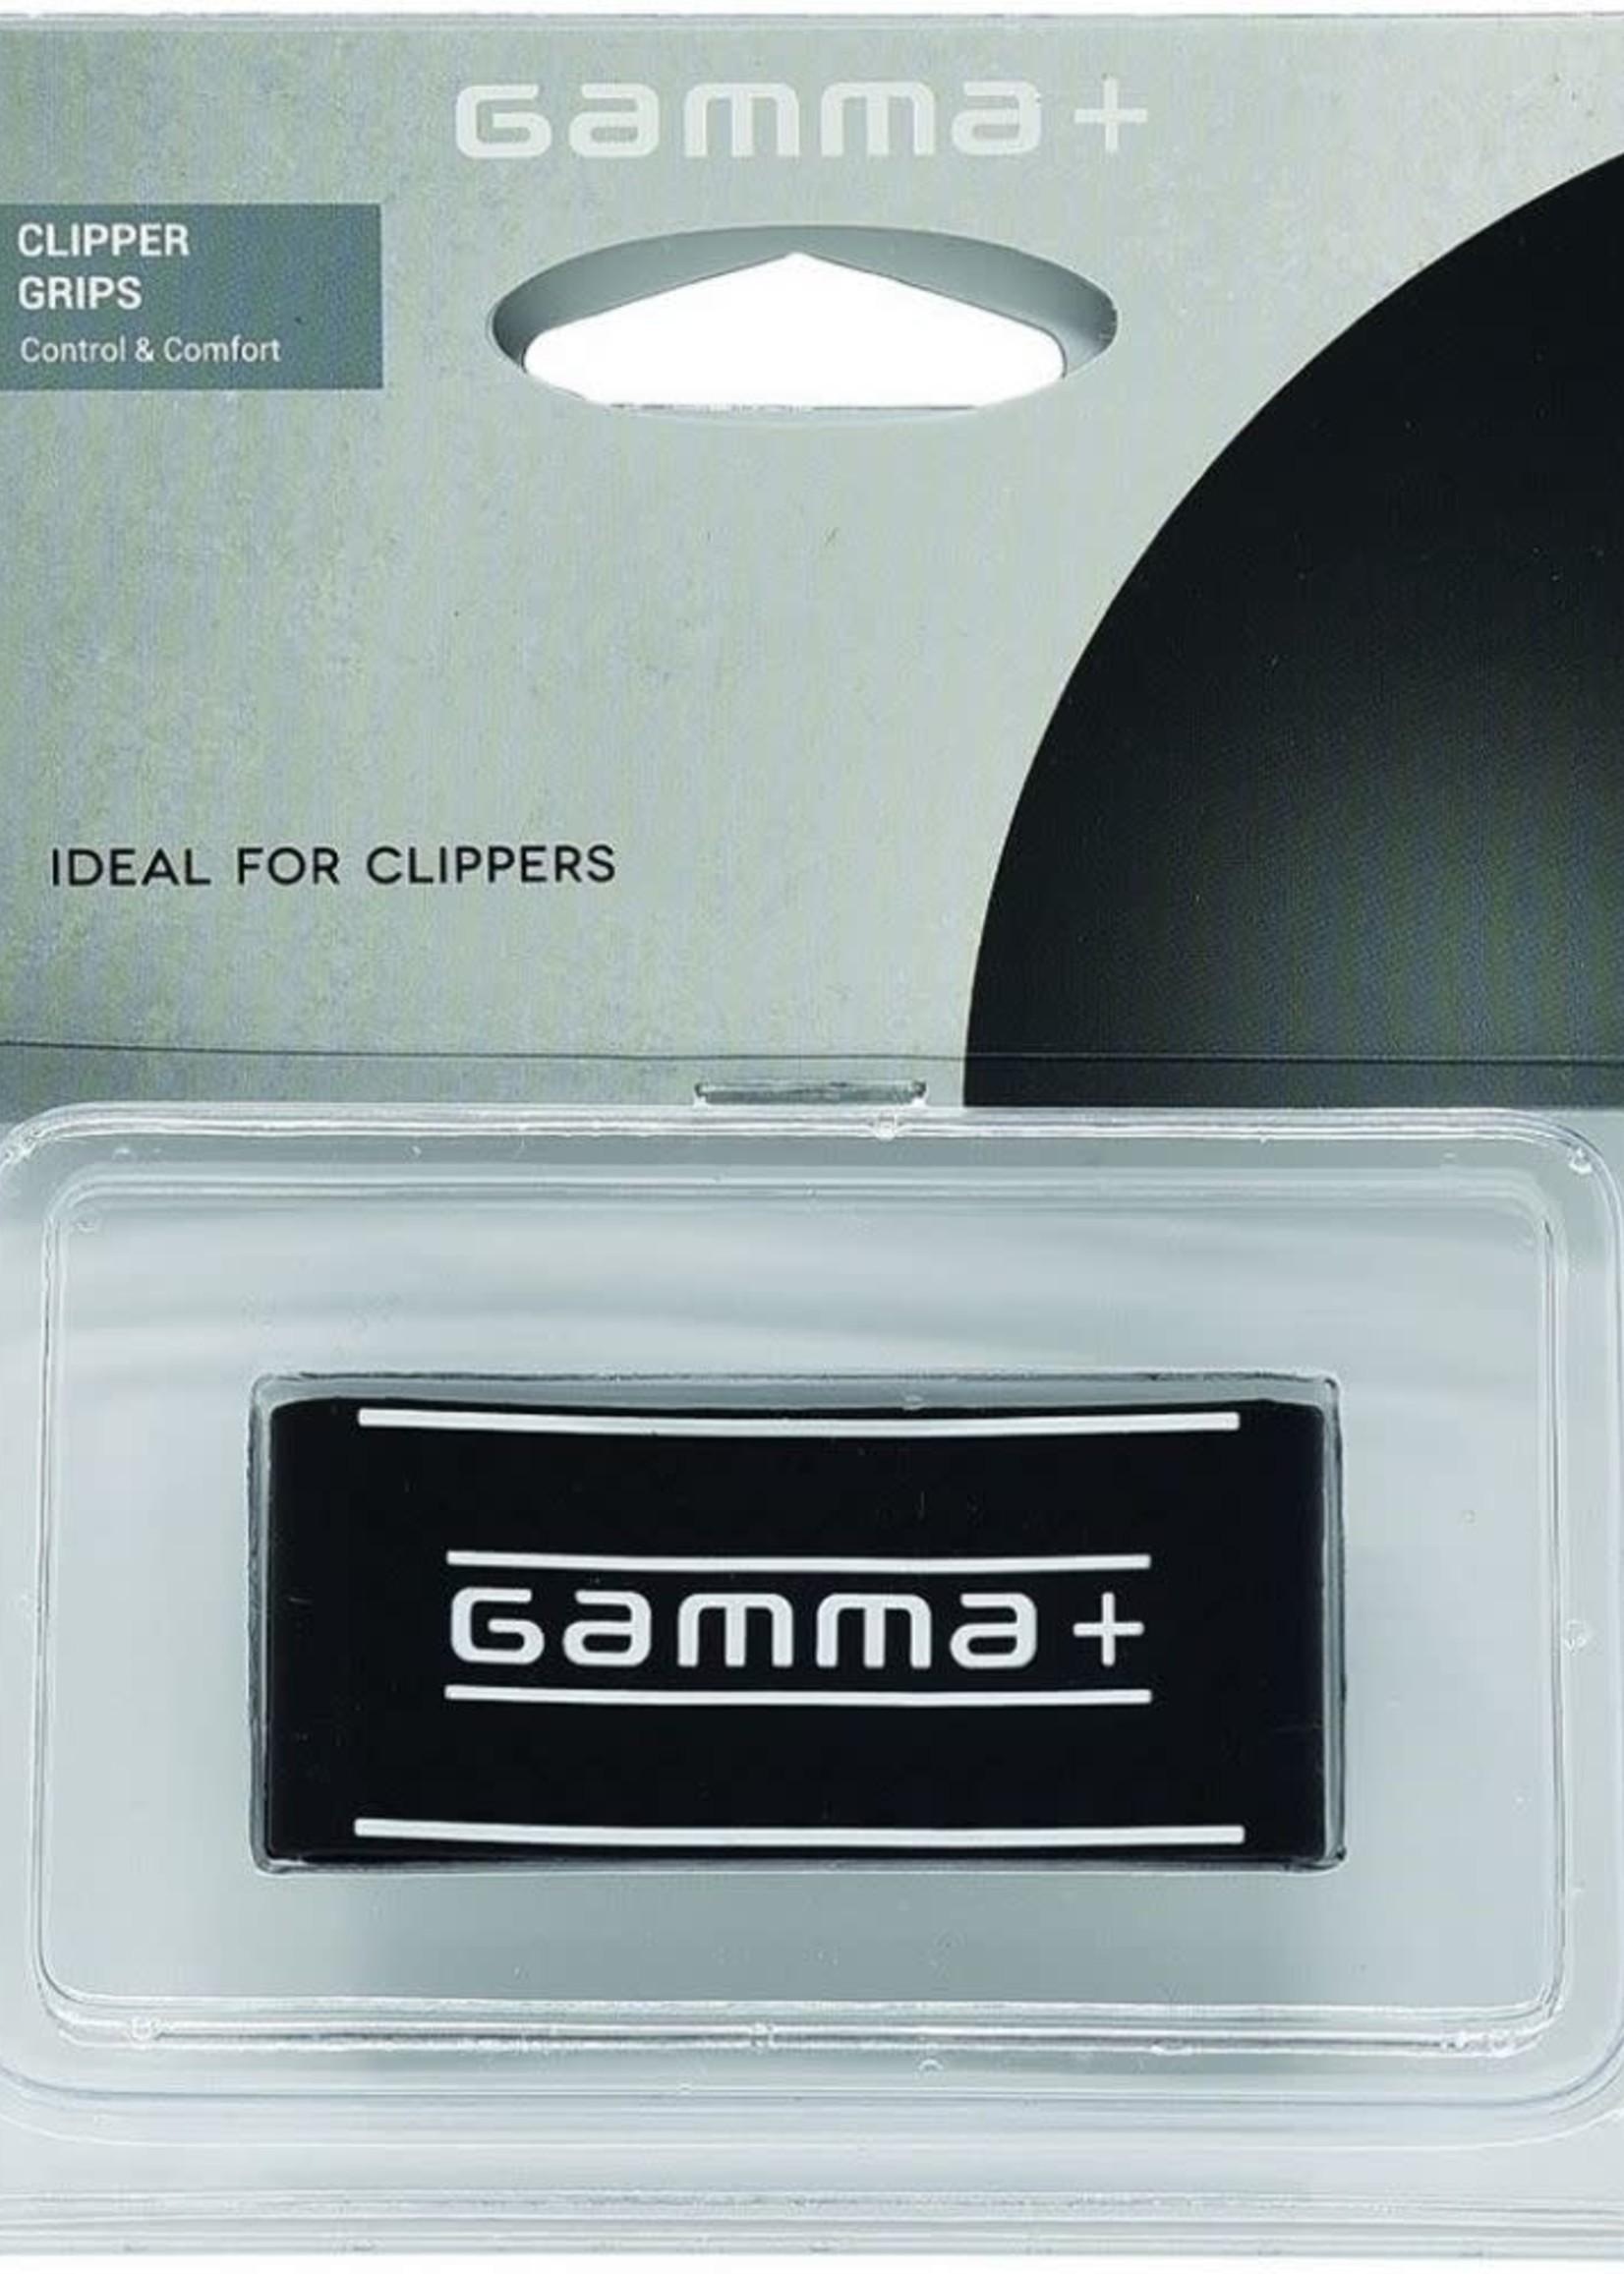 Gamma Plus Gamma+ Clipper Grips